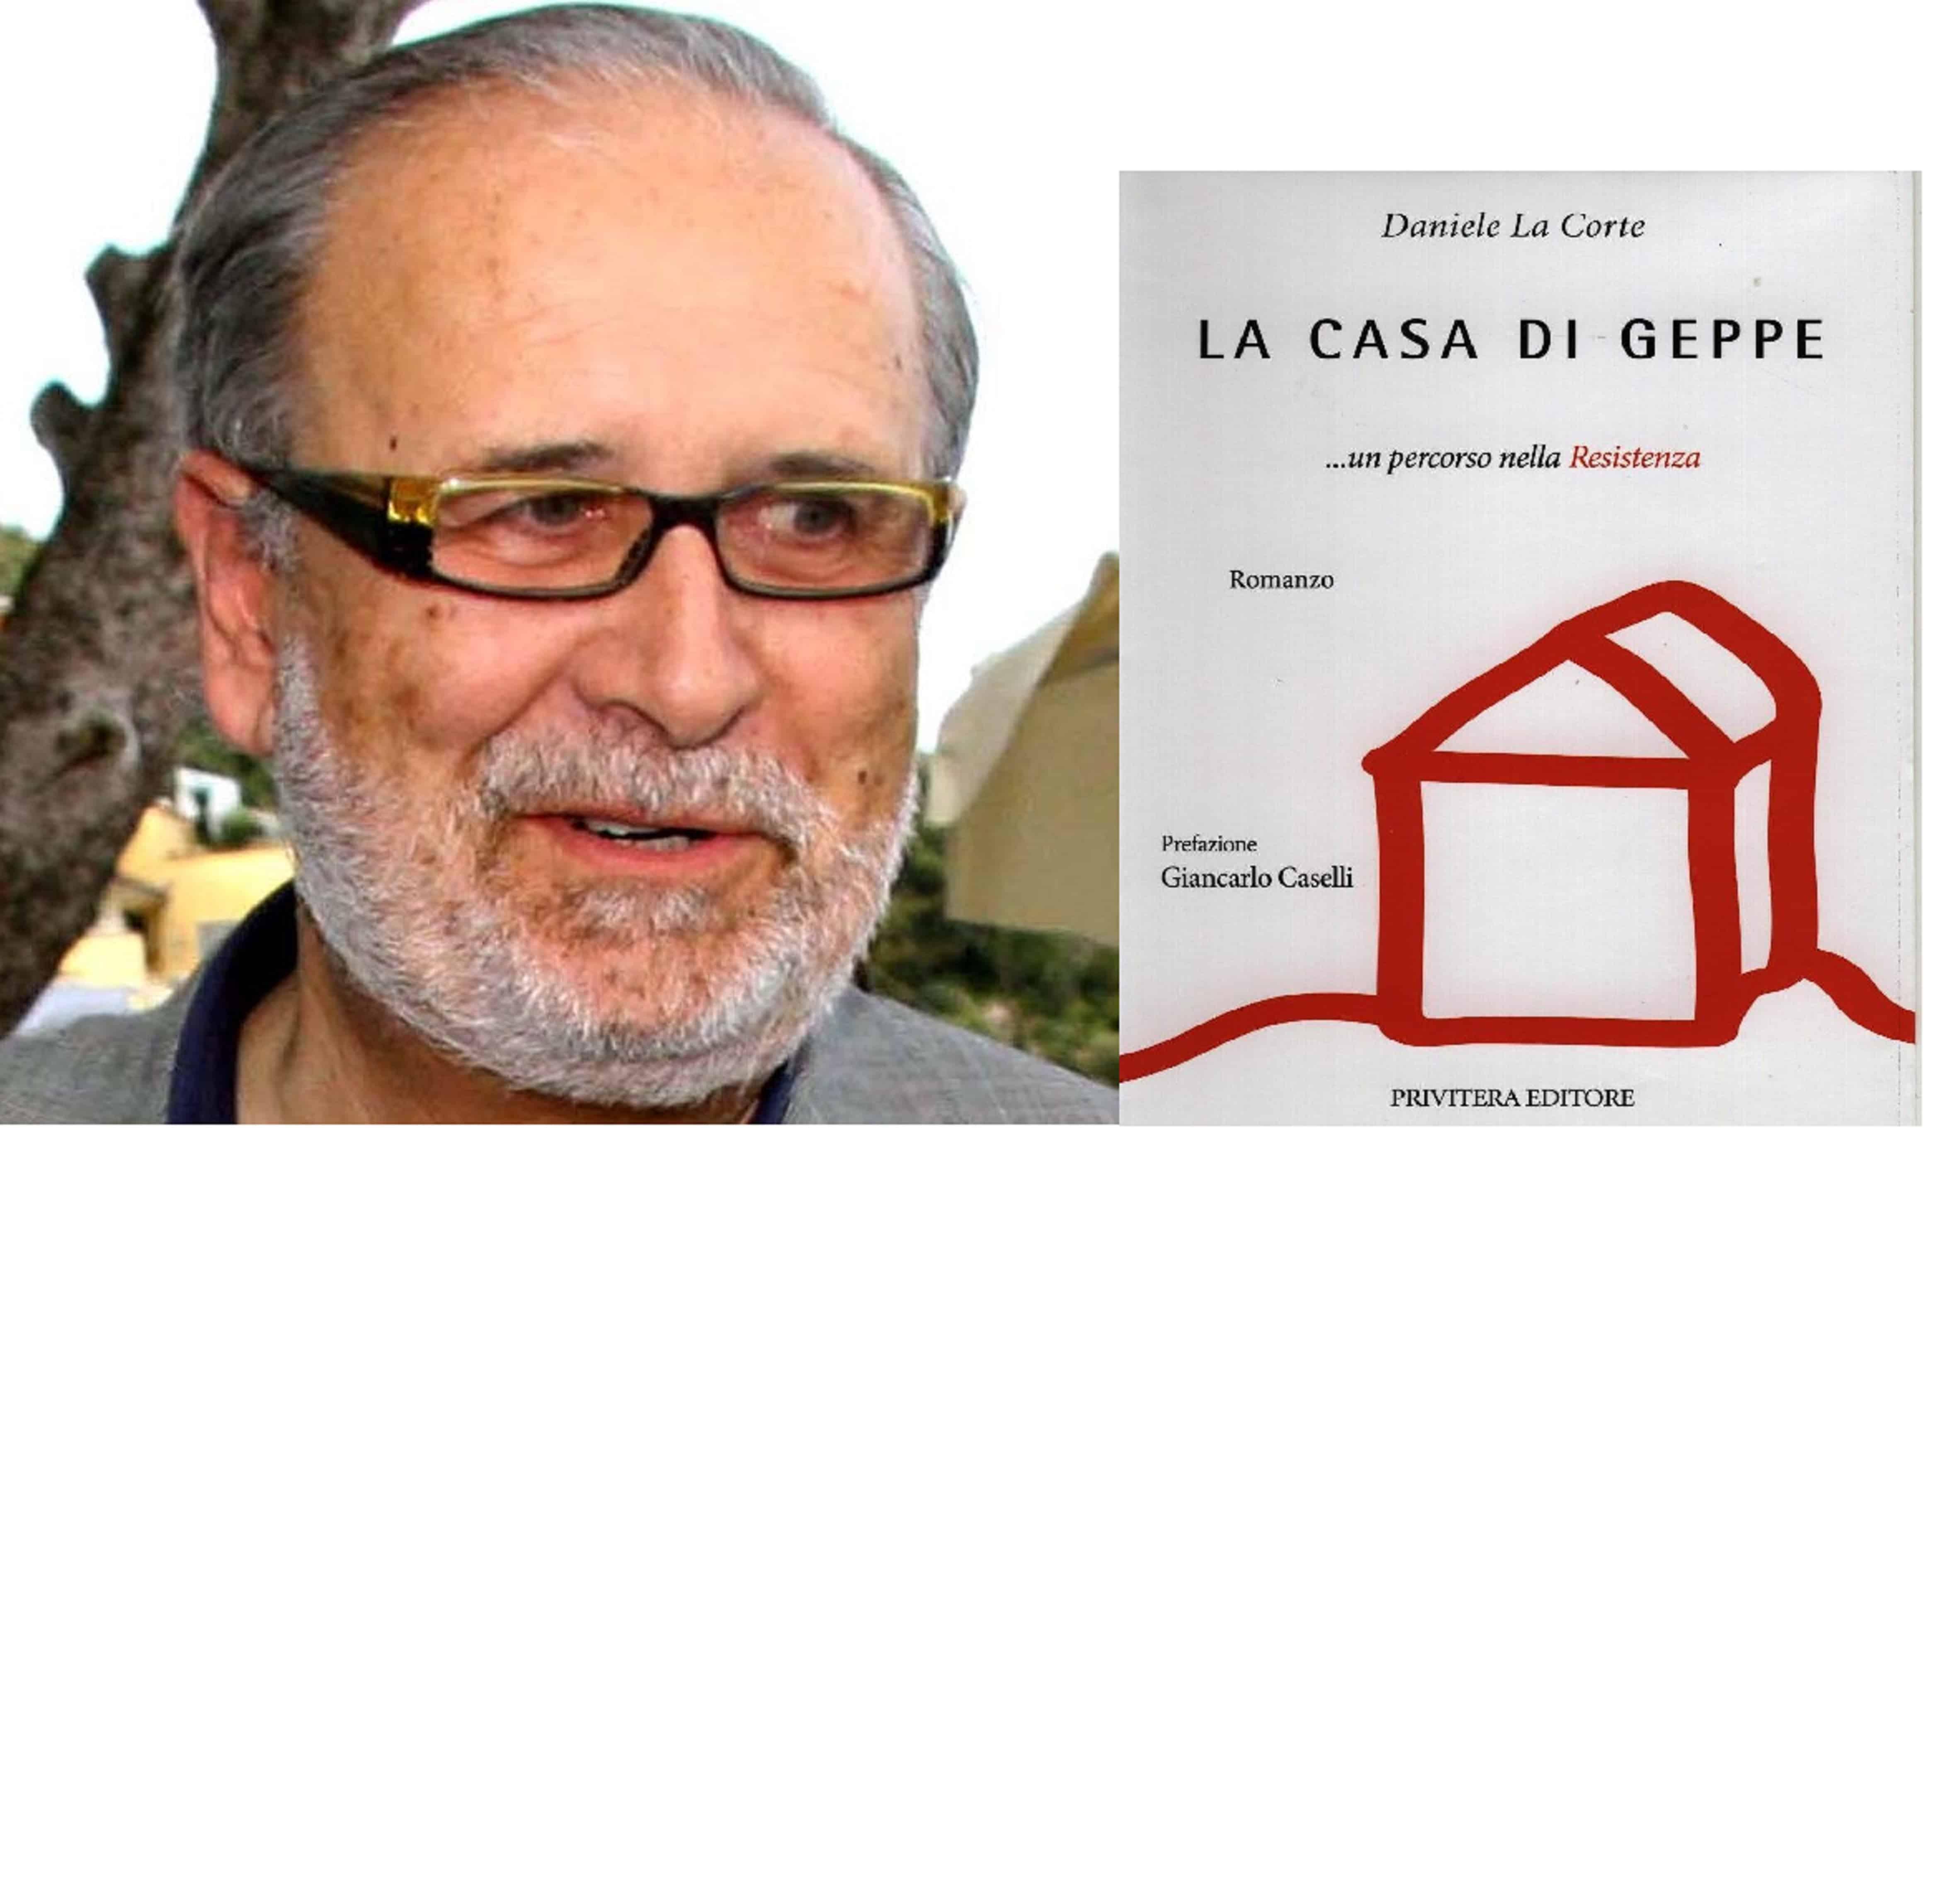 """Giovedì 21 aprile alle 16.30 presso la Biblioteca """"Alfea Possavino in Delucis"""""""